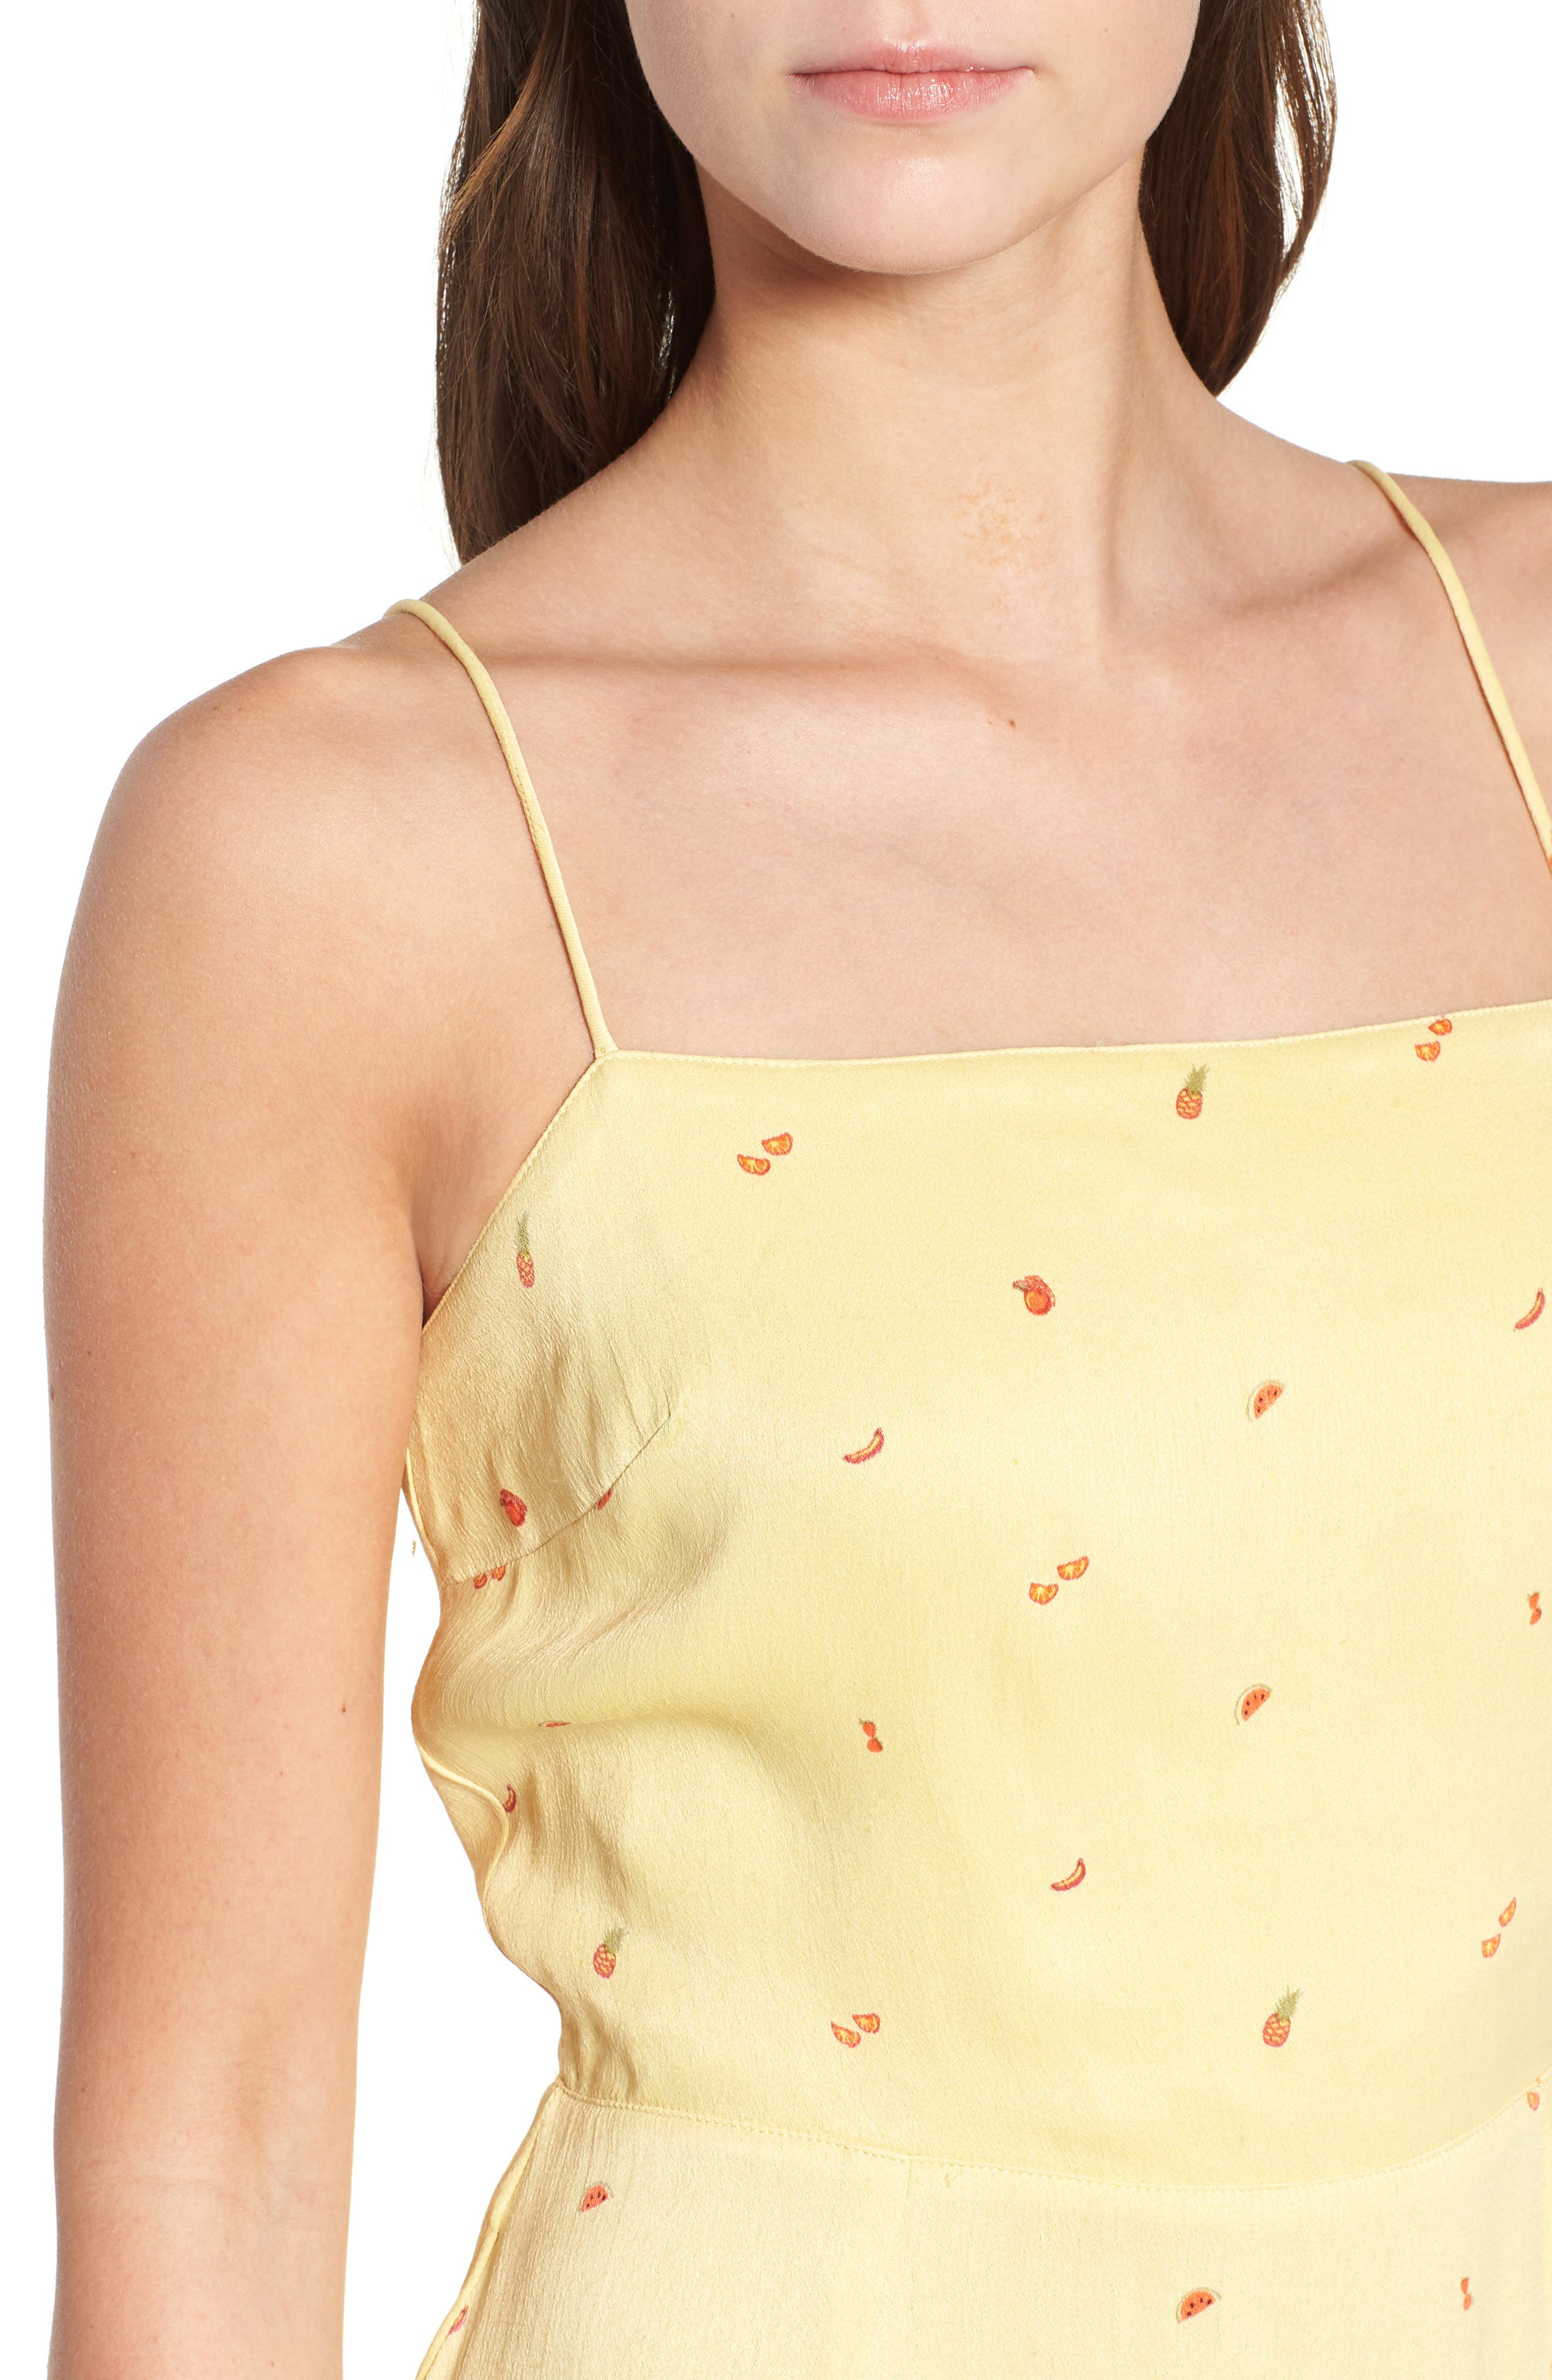 Shilo Fruit Print Minidress,                             Alternate thumbnail 4, color,